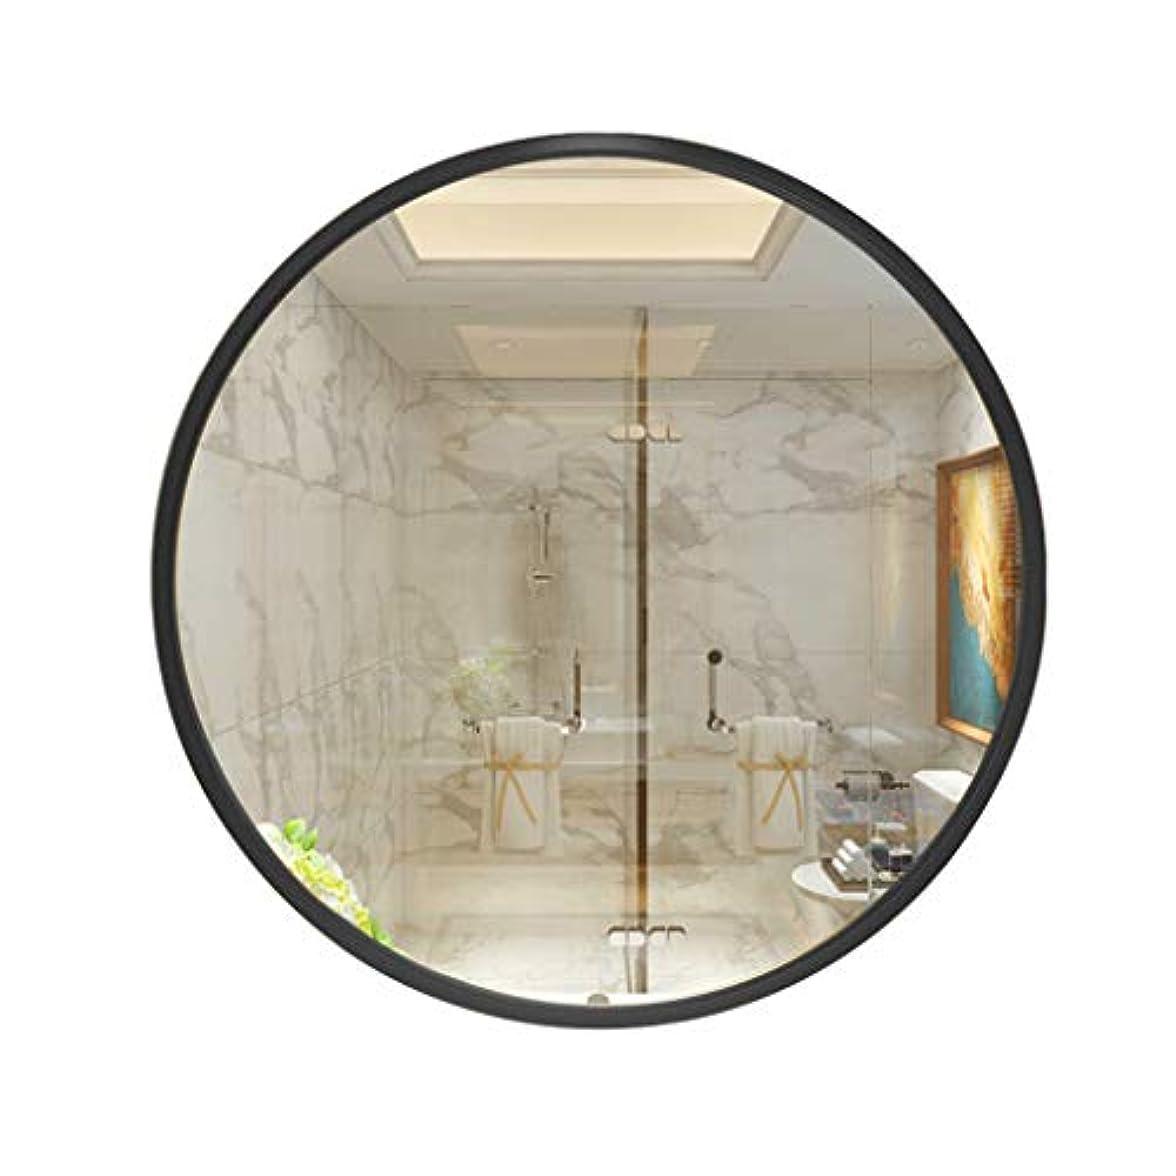 チャーター抽選平手打ちGYX-壁掛鏡 壁掛けミラーラウンドヨーロッパスタイル直径40/50/60/70 cmブラックメタルフレーム寝室/バスルーム/リビングルーム用装飾